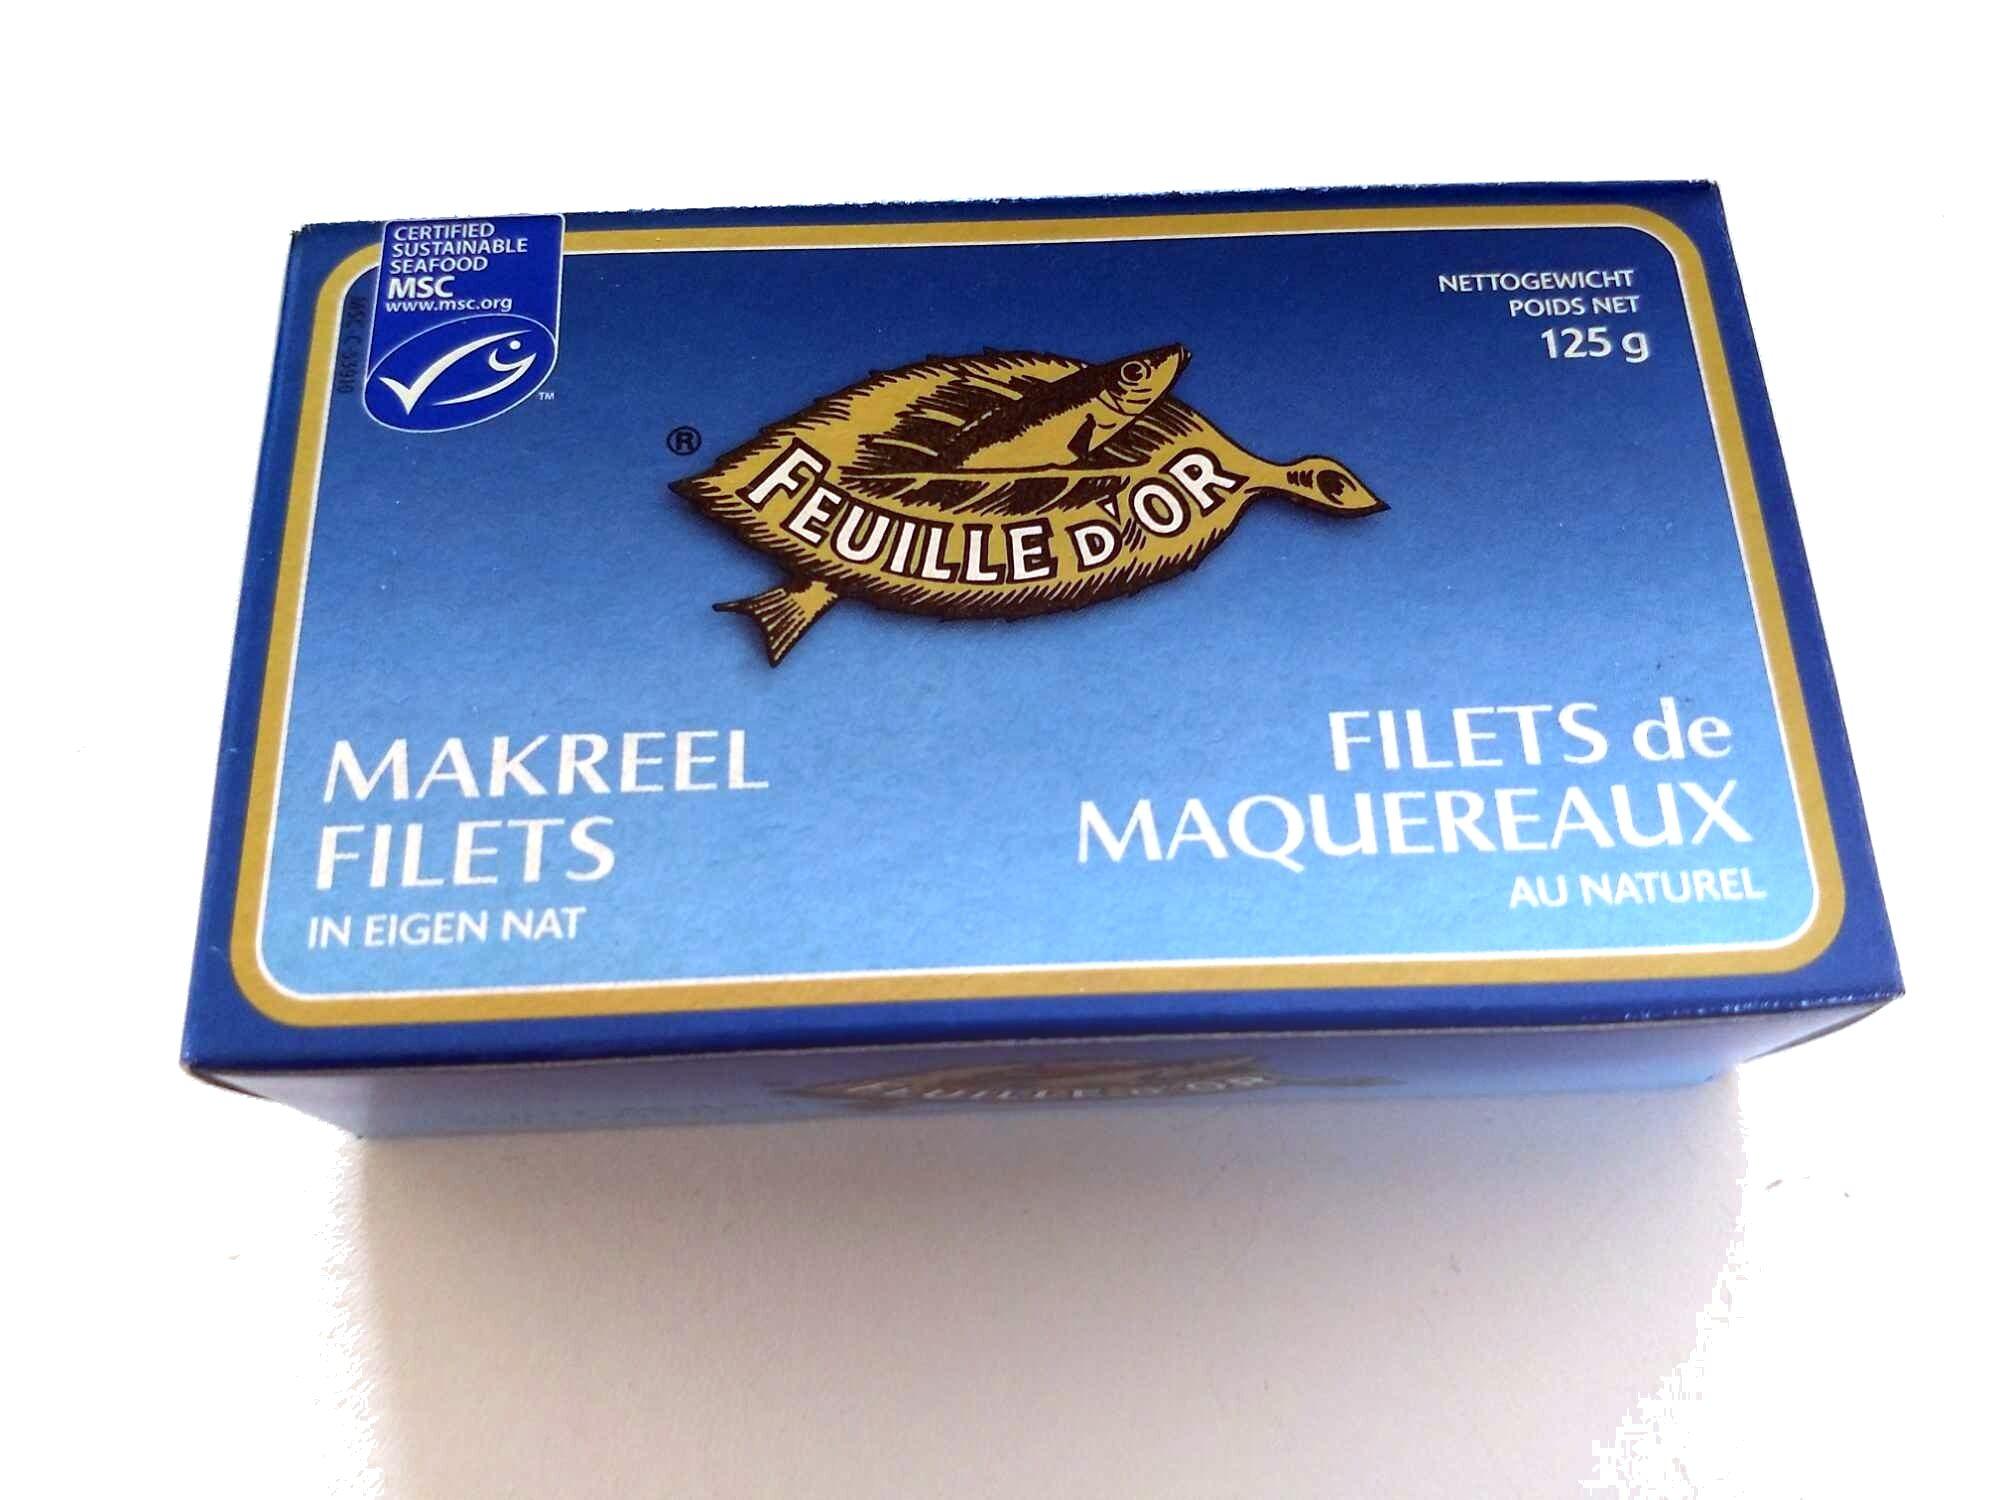 Filets de maquereaux au naturel - Produit - fr